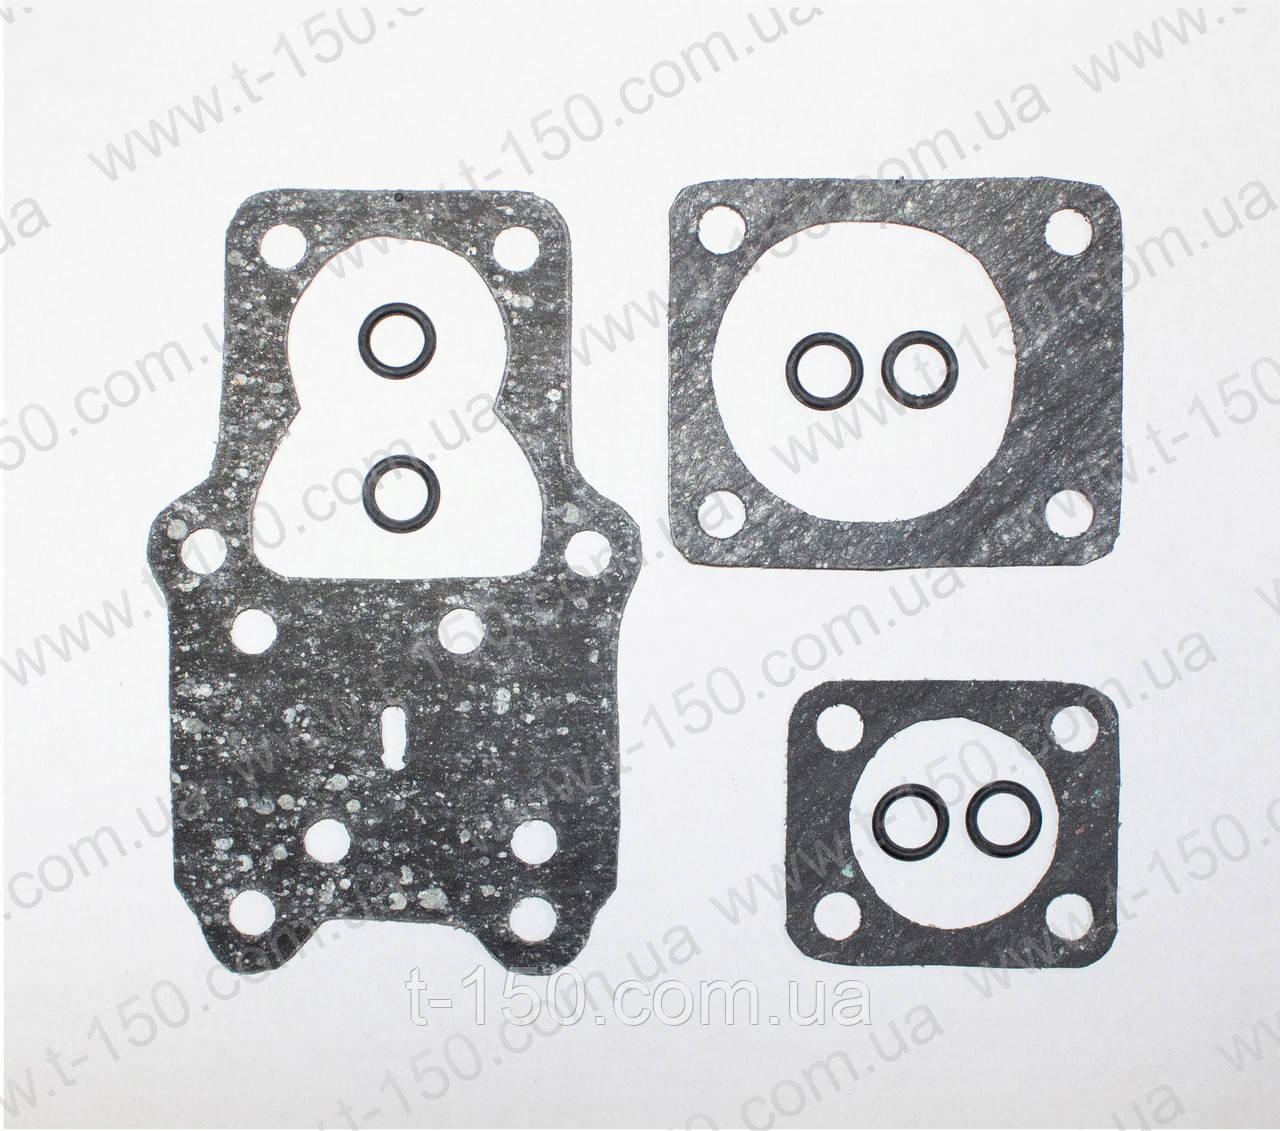 Набор прокладок распределителя КПП Т-150-158 (пенек) (паронит)